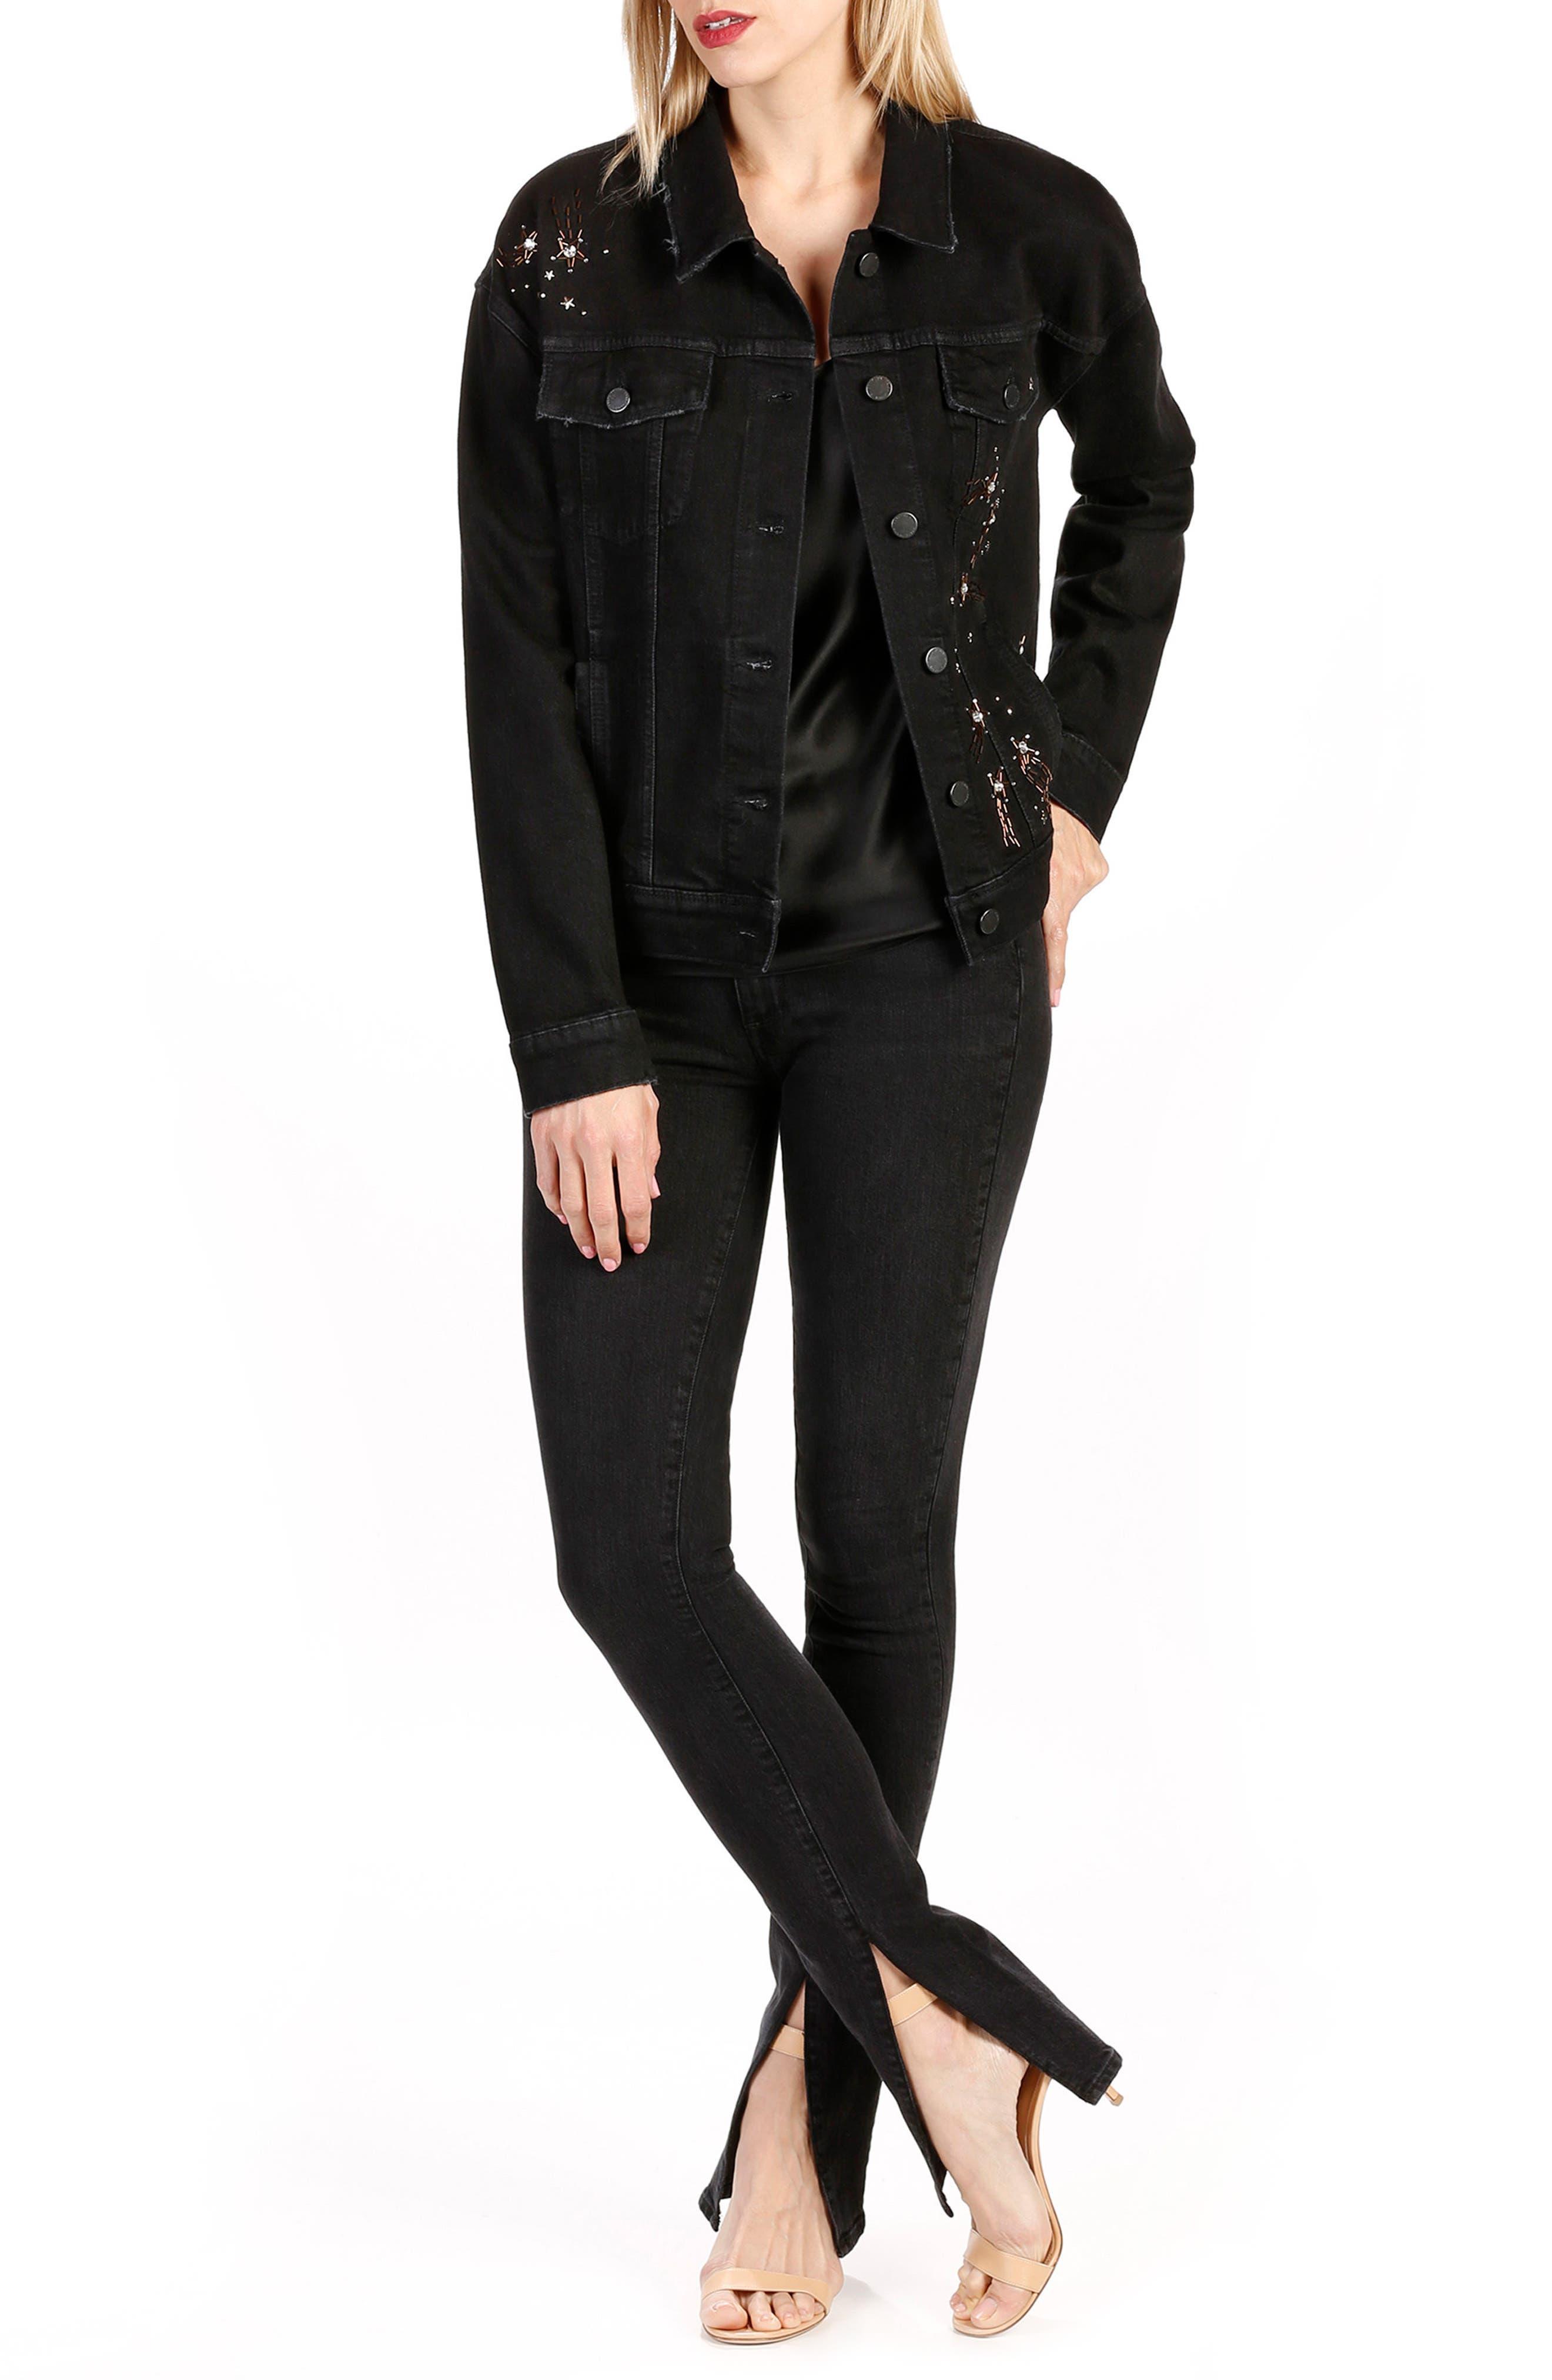 Rosie HW x PAIGE Constance Skinny Jeans,                             Alternate thumbnail 2, color,                             Vintage Noir